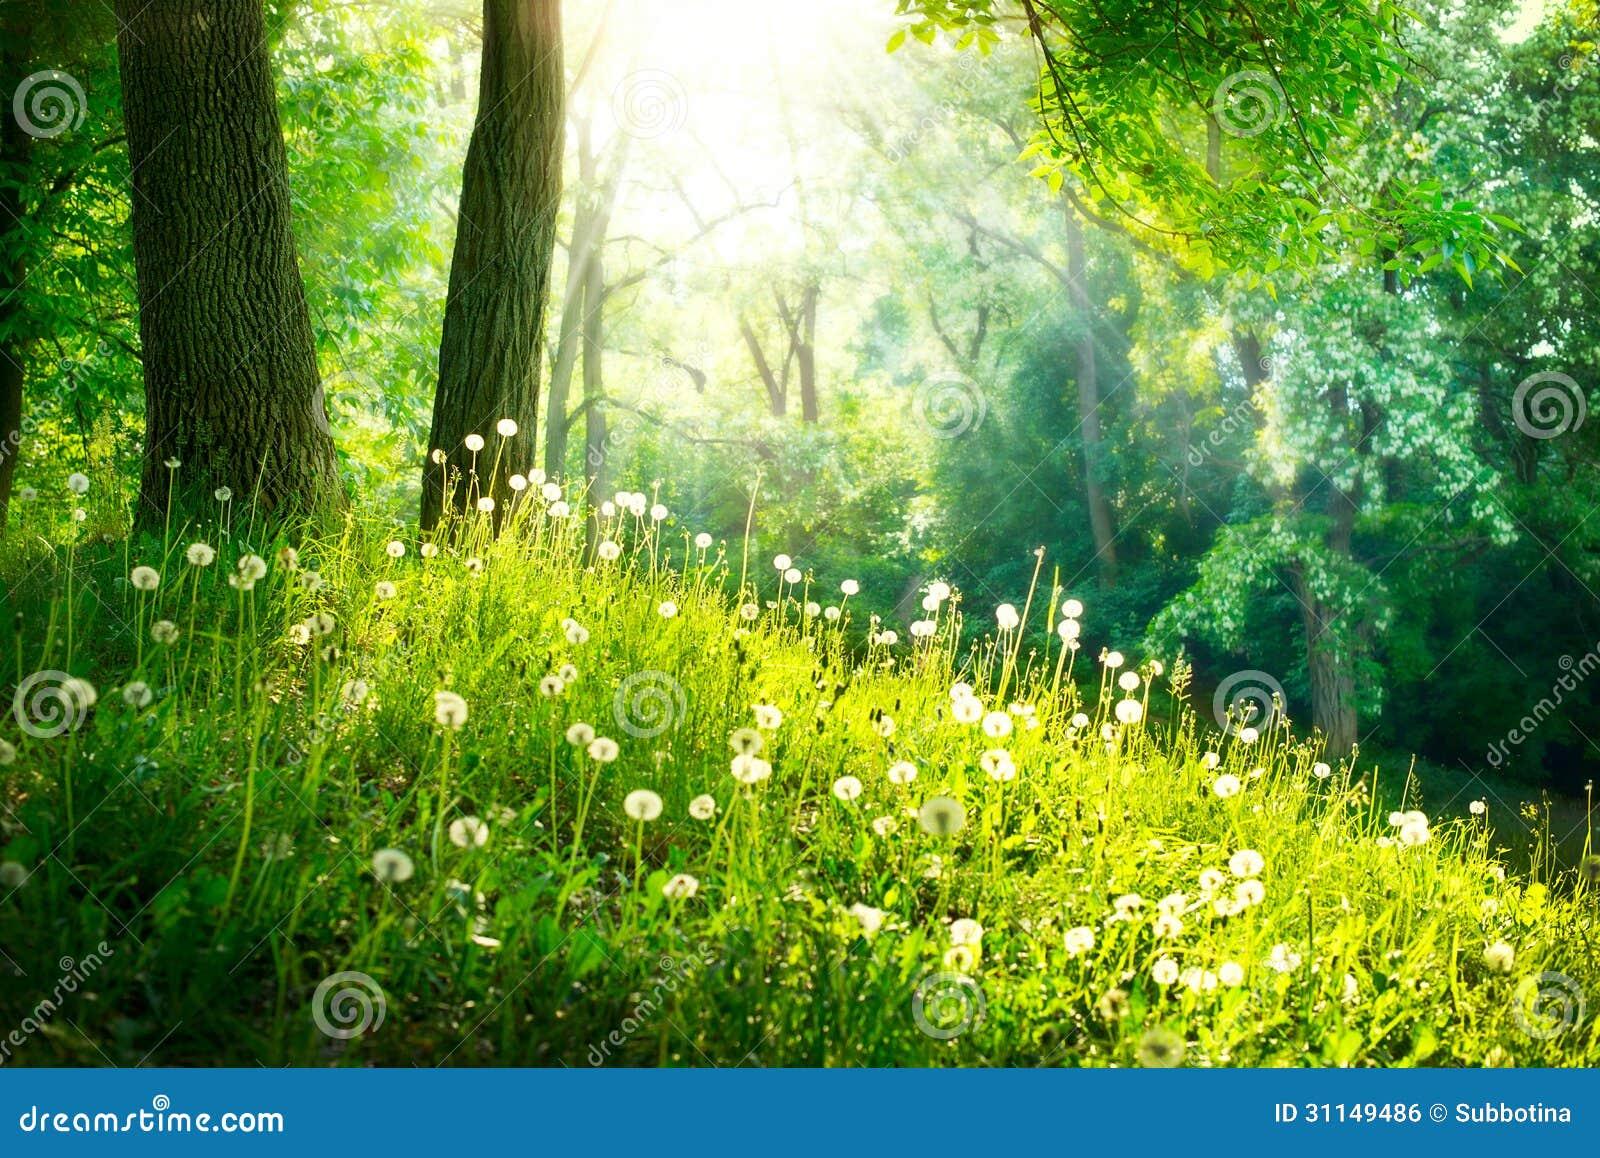 Paesaggio. Erba verde ed alberi